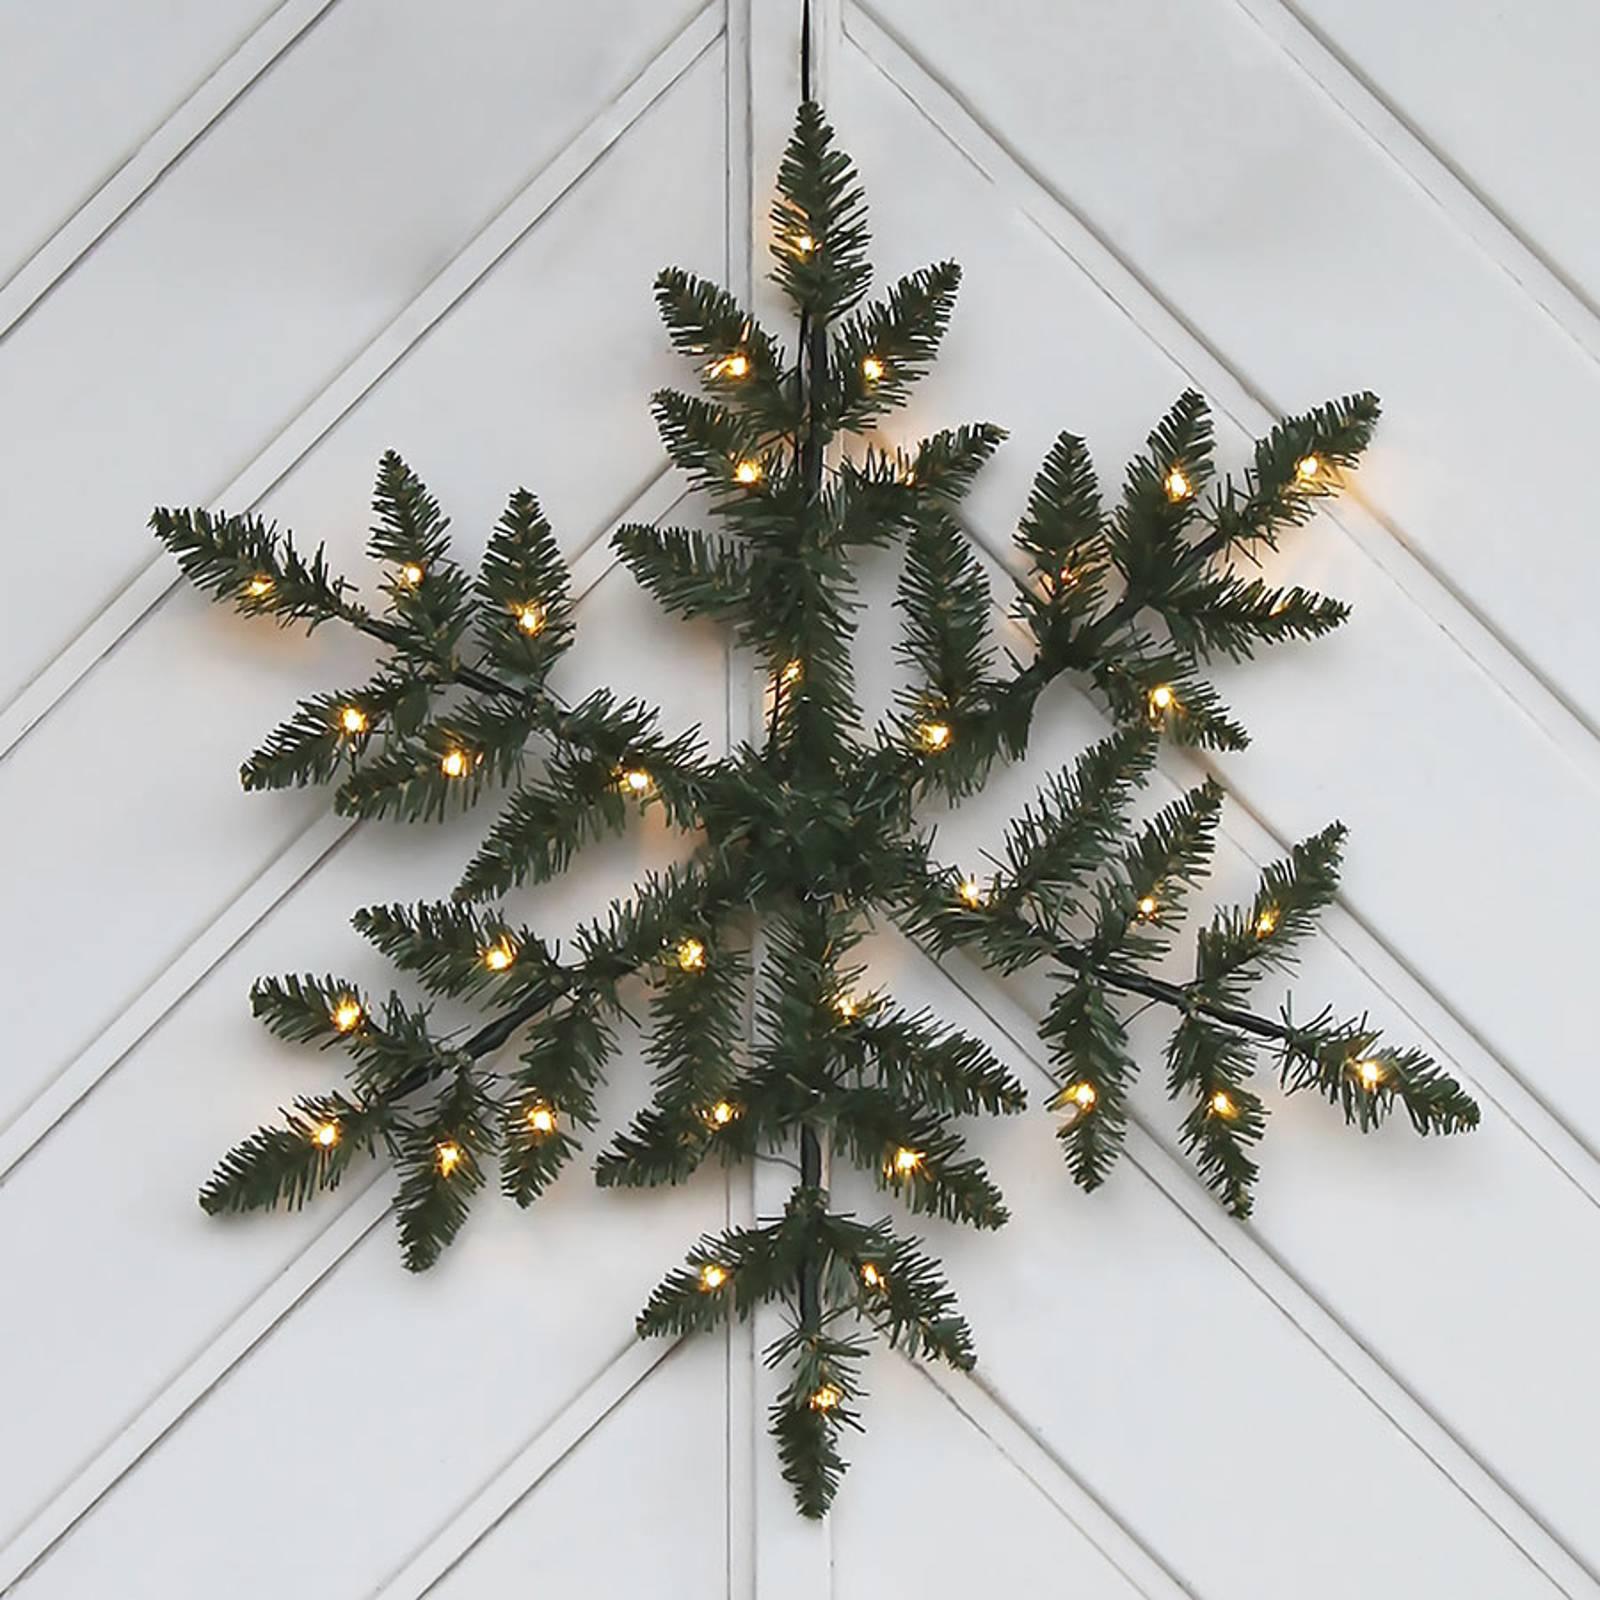 Paristokäyttöinen LED-ulkokoriste Snowflake